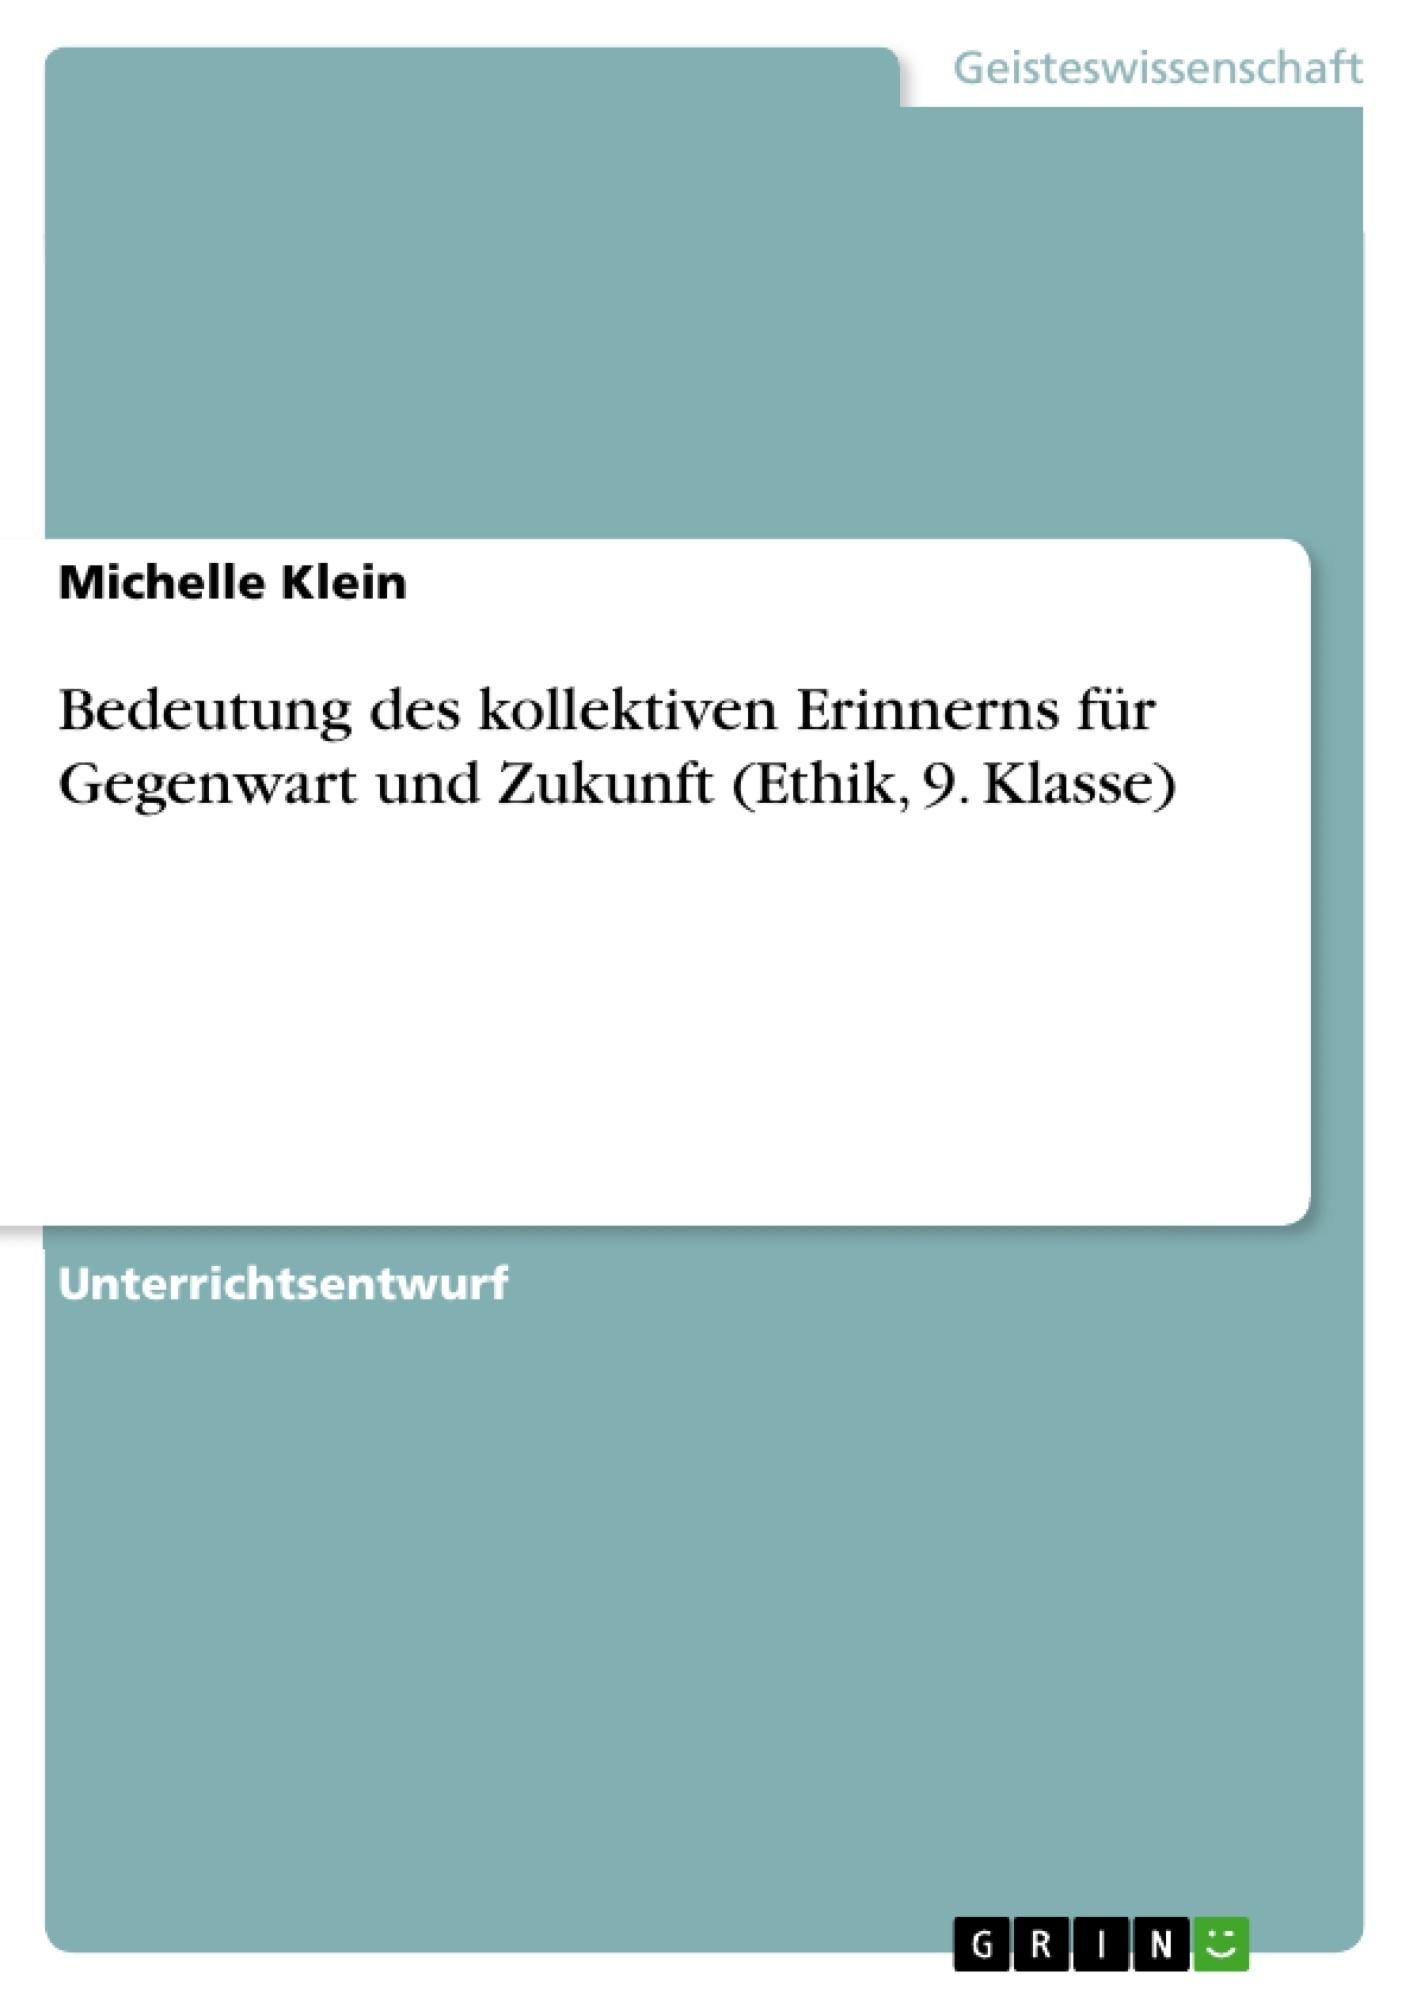 Titel: Bedeutung des kollektiven Erinnerns für Gegenwart und Zukunft (Ethik, 9. Klasse)